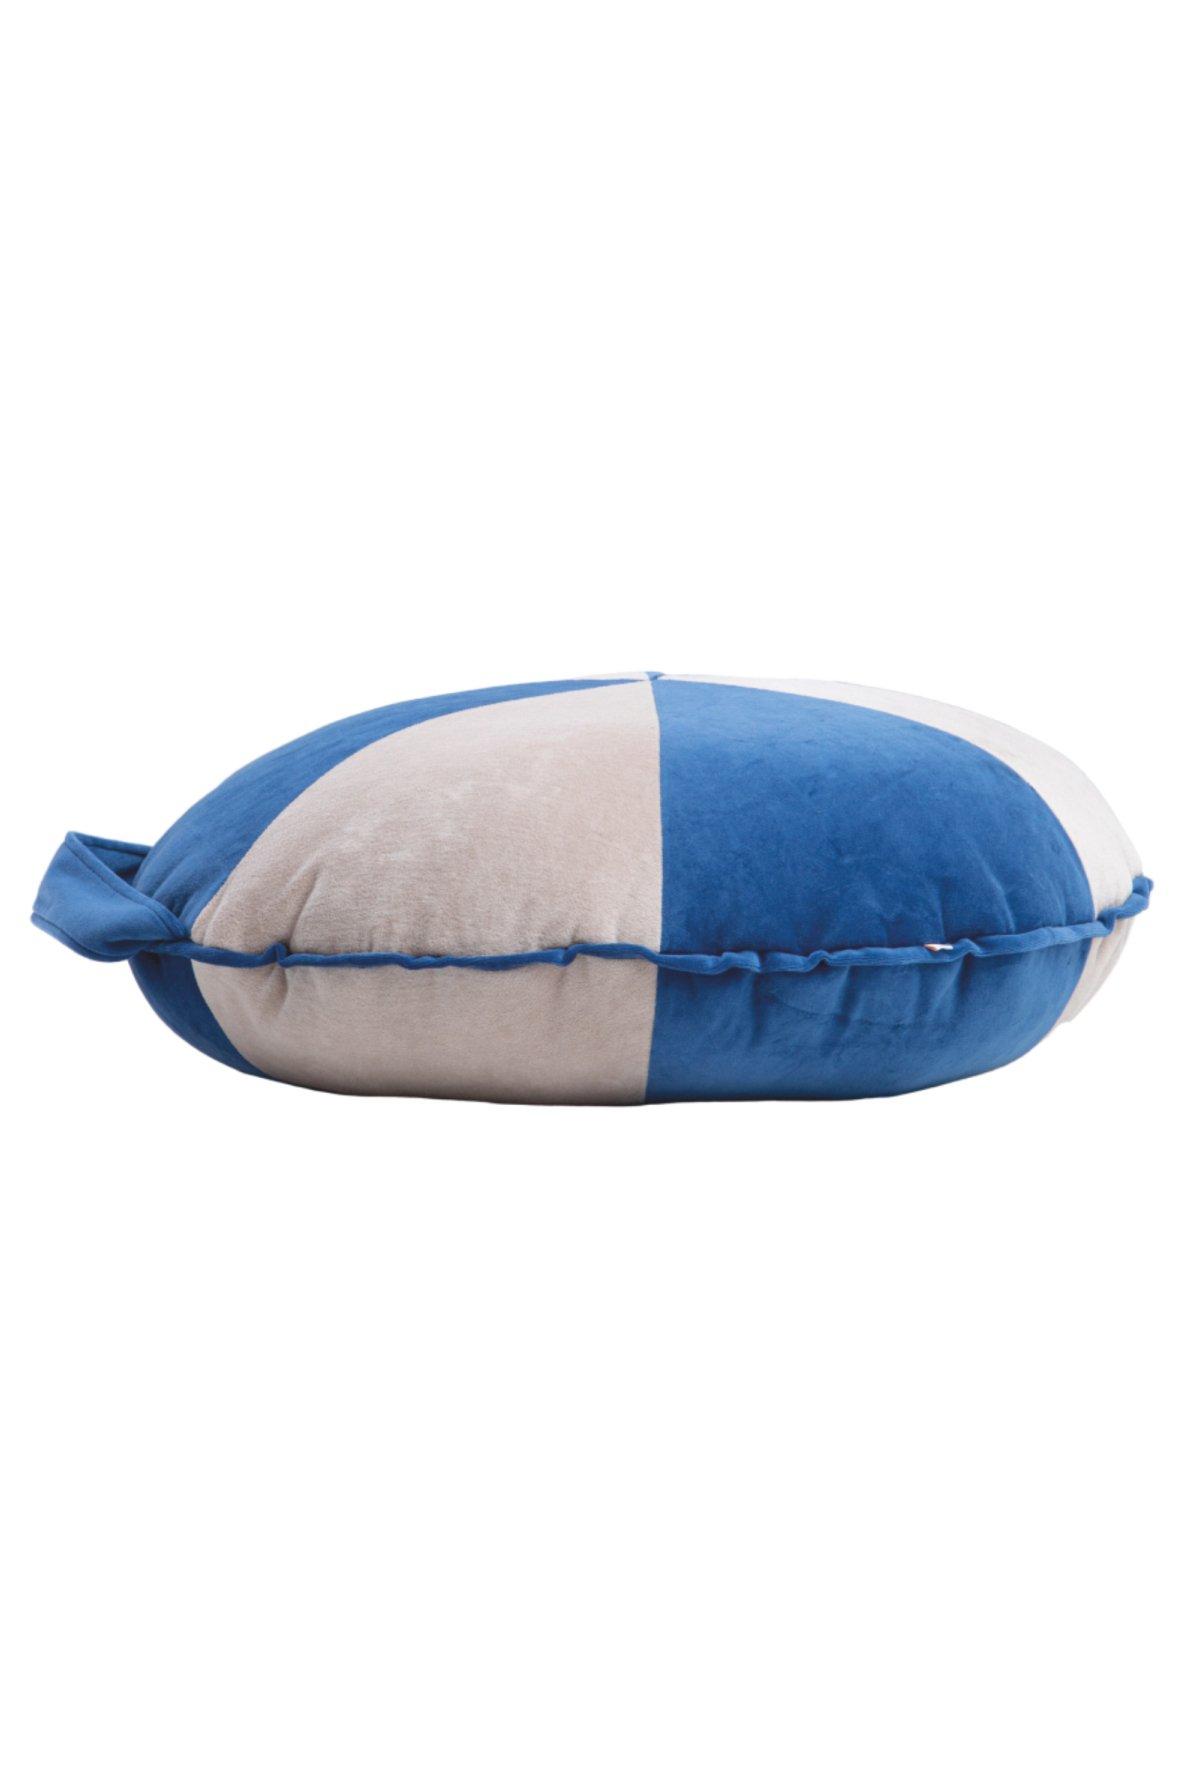 rundes Samt Sitzkissen Cookie blau puderbeige klein Ø62 x 18cm